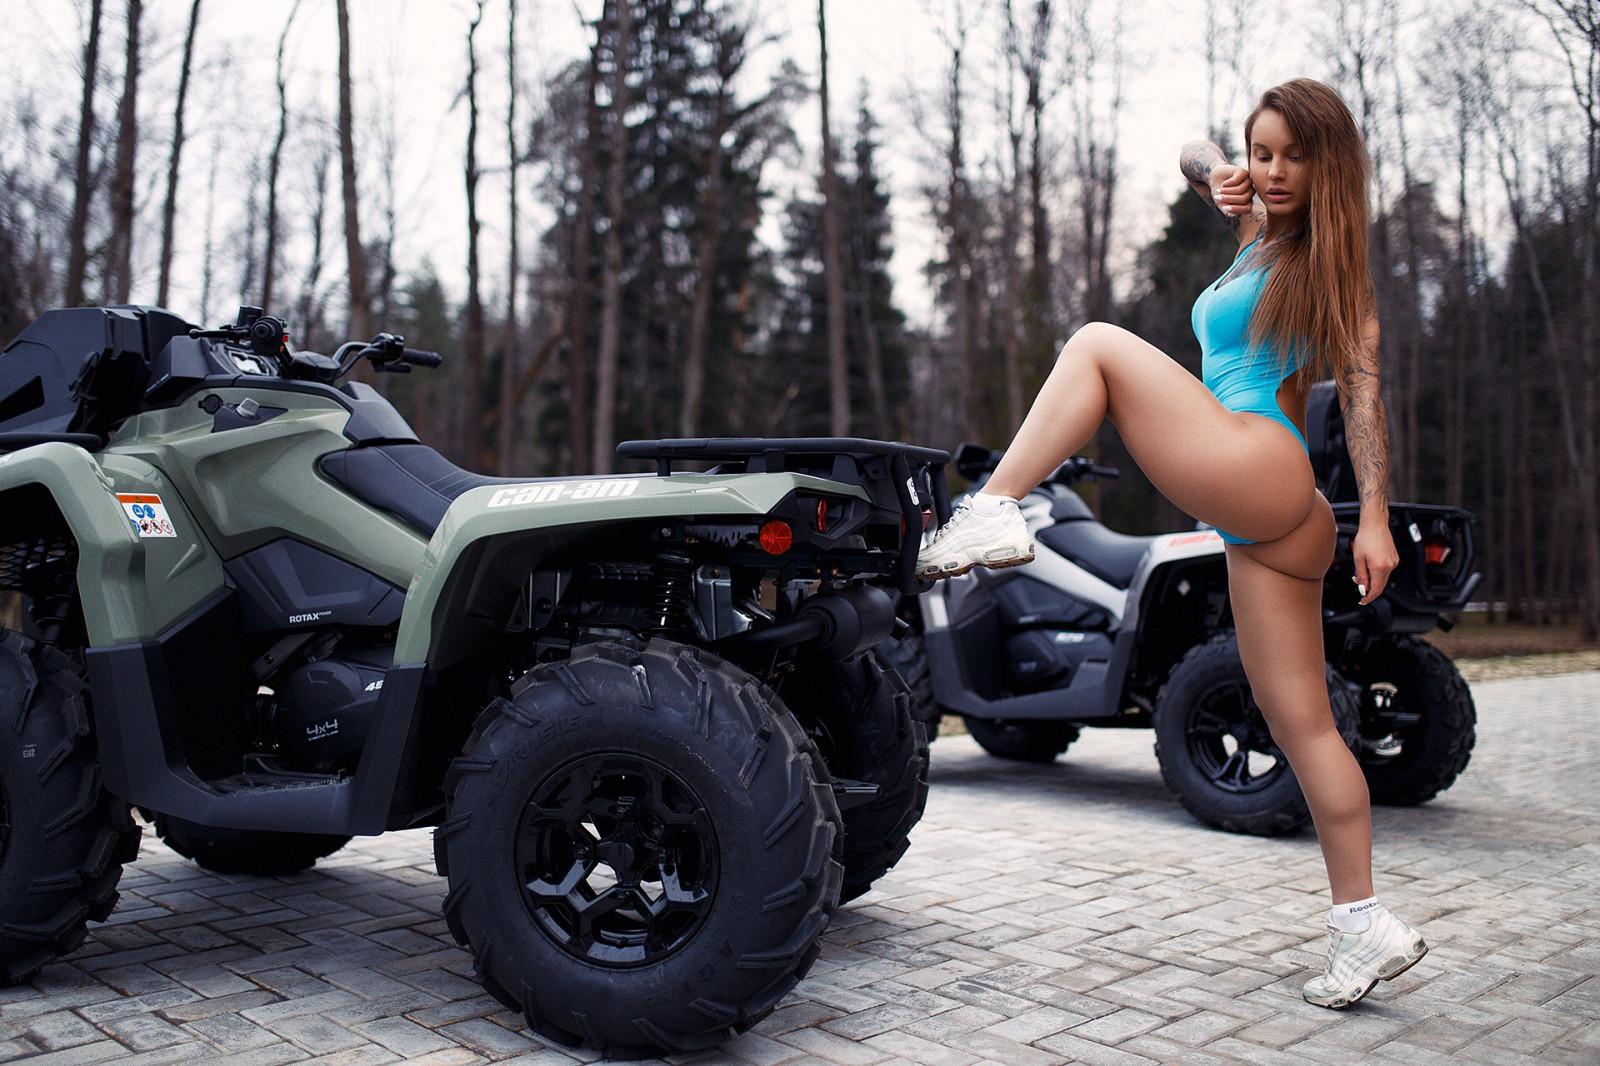 Девушка на квадроцикле картинка